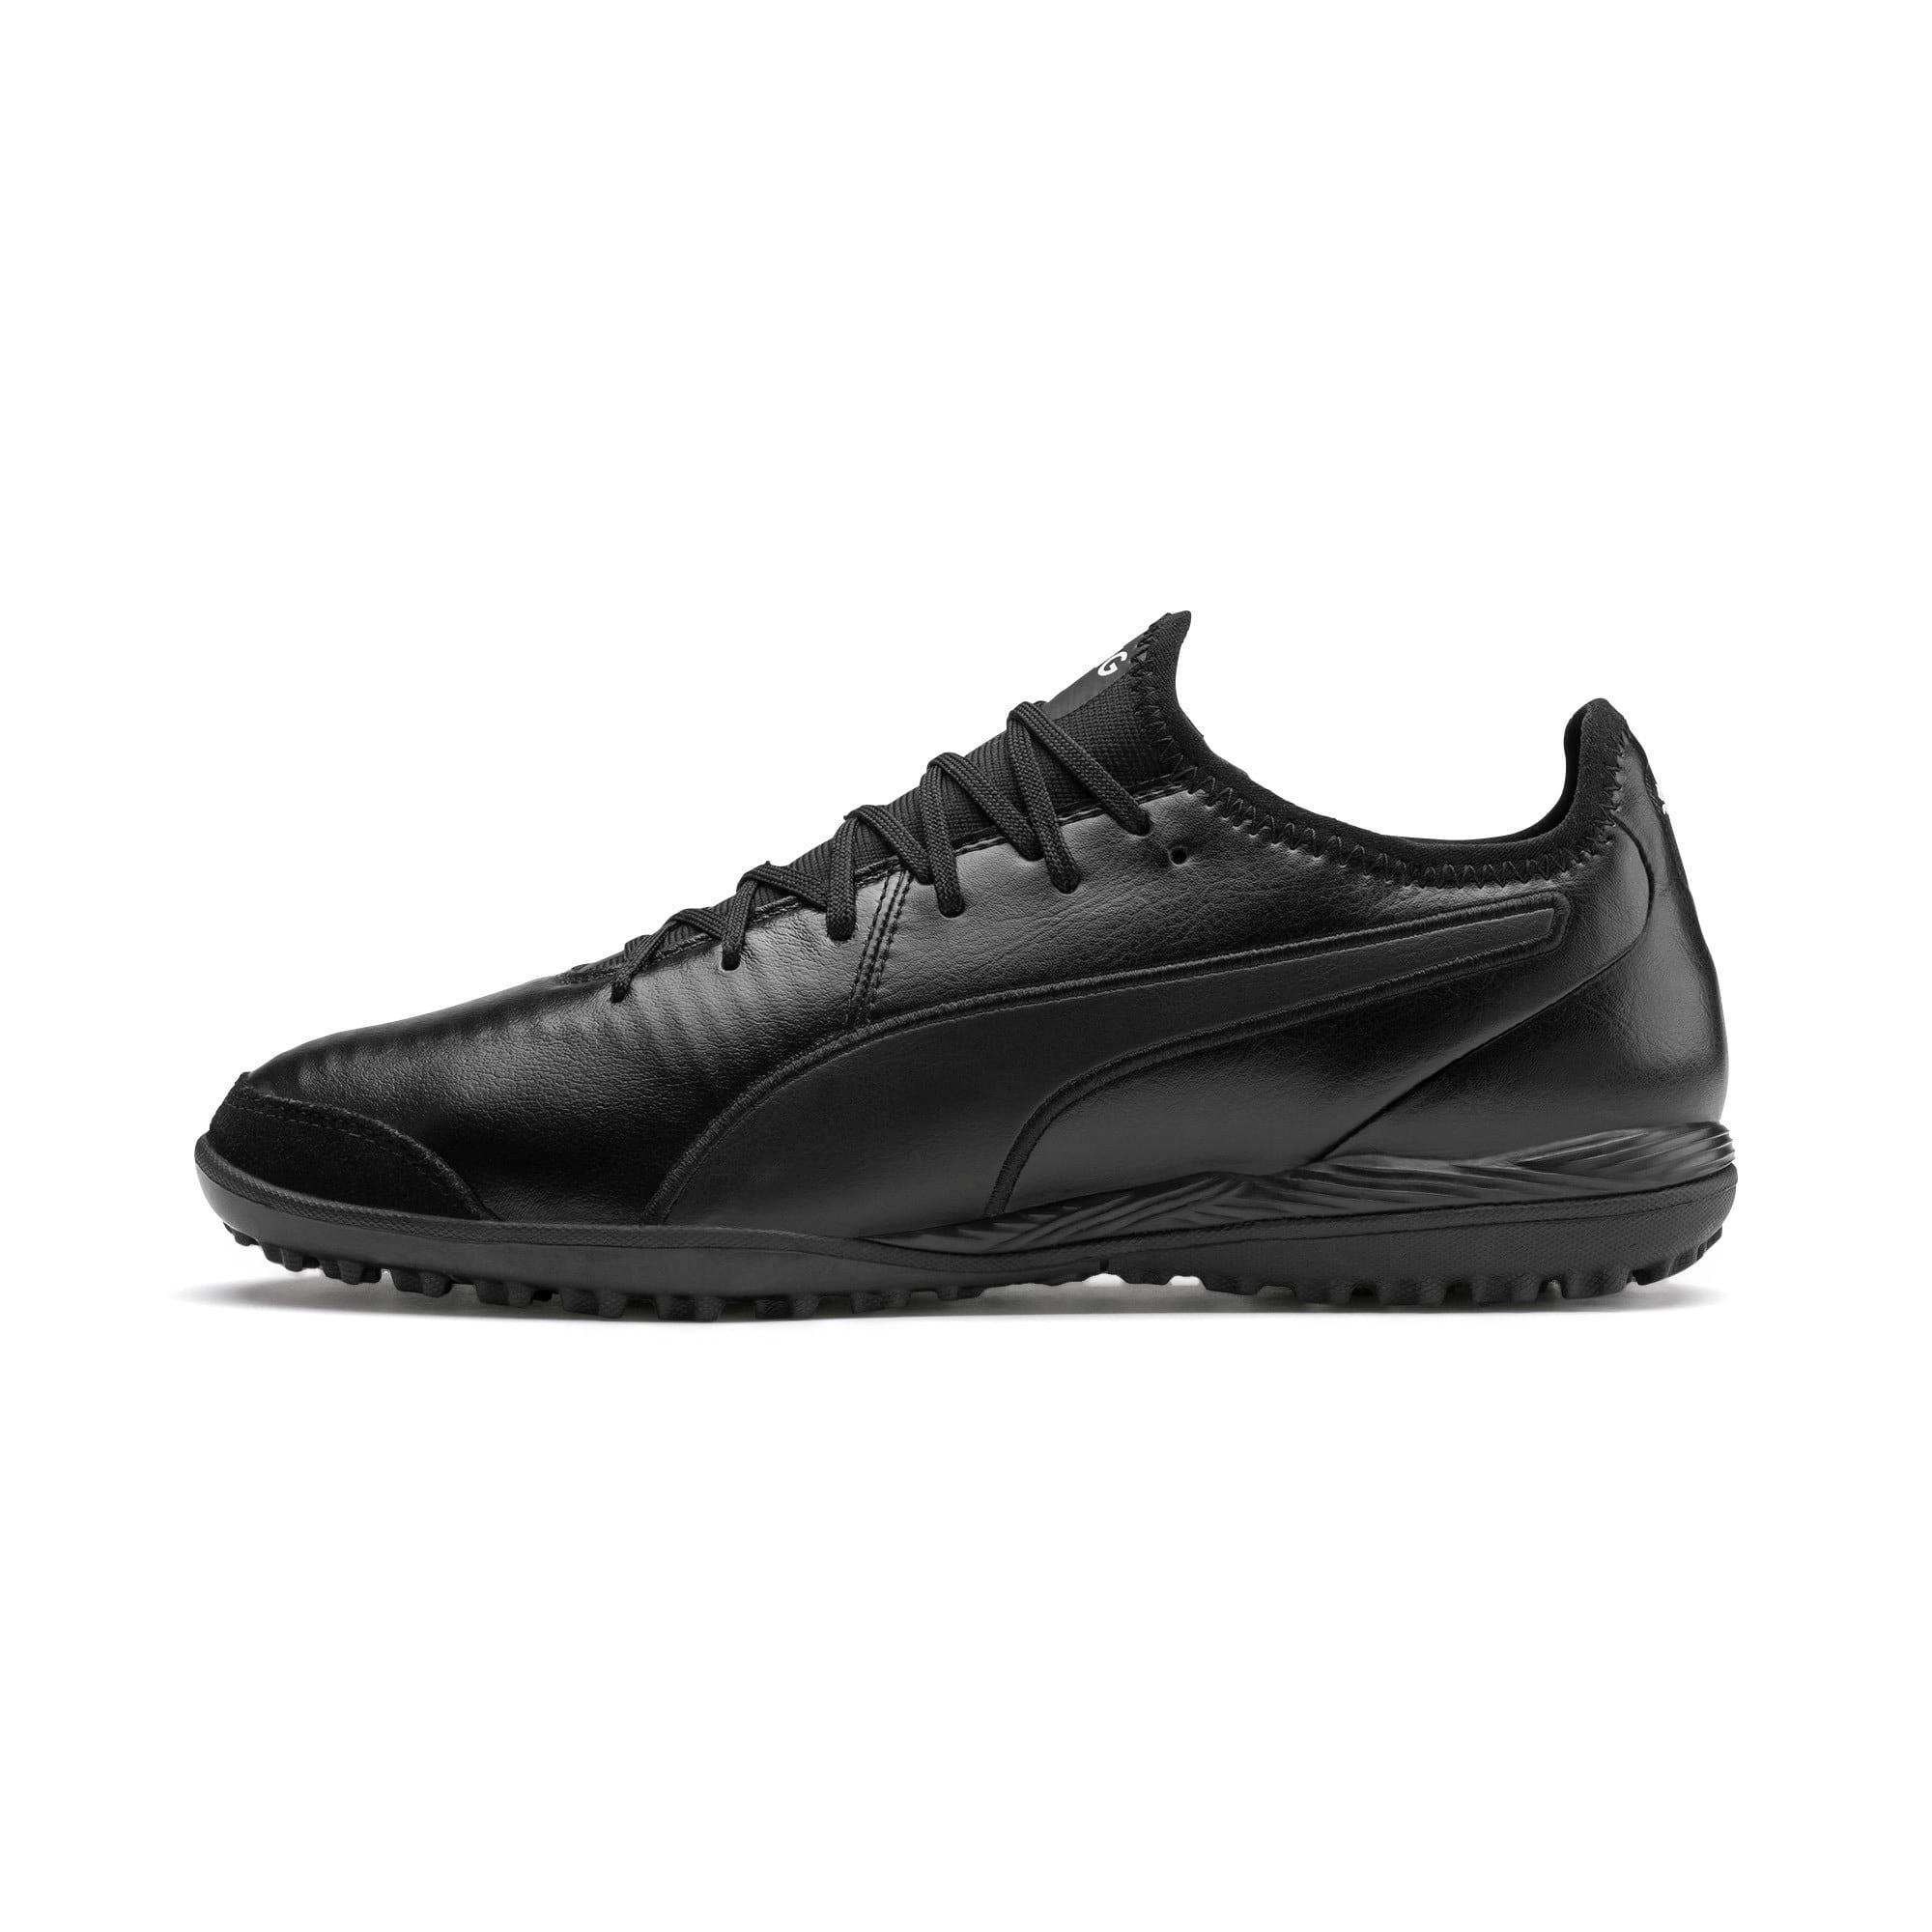 Thumbnail 1 of King Pro TT Soccer Shoes, Puma Black-Puma White, medium